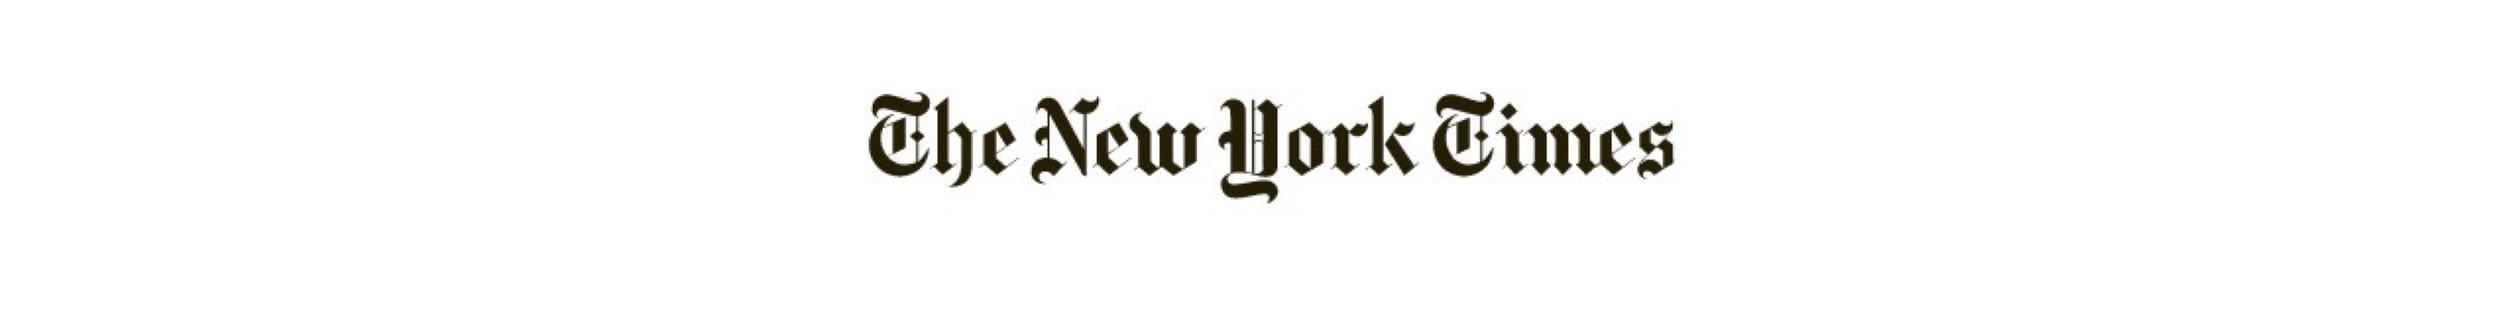 HG PRESS LOGO NYT. copy.jpg